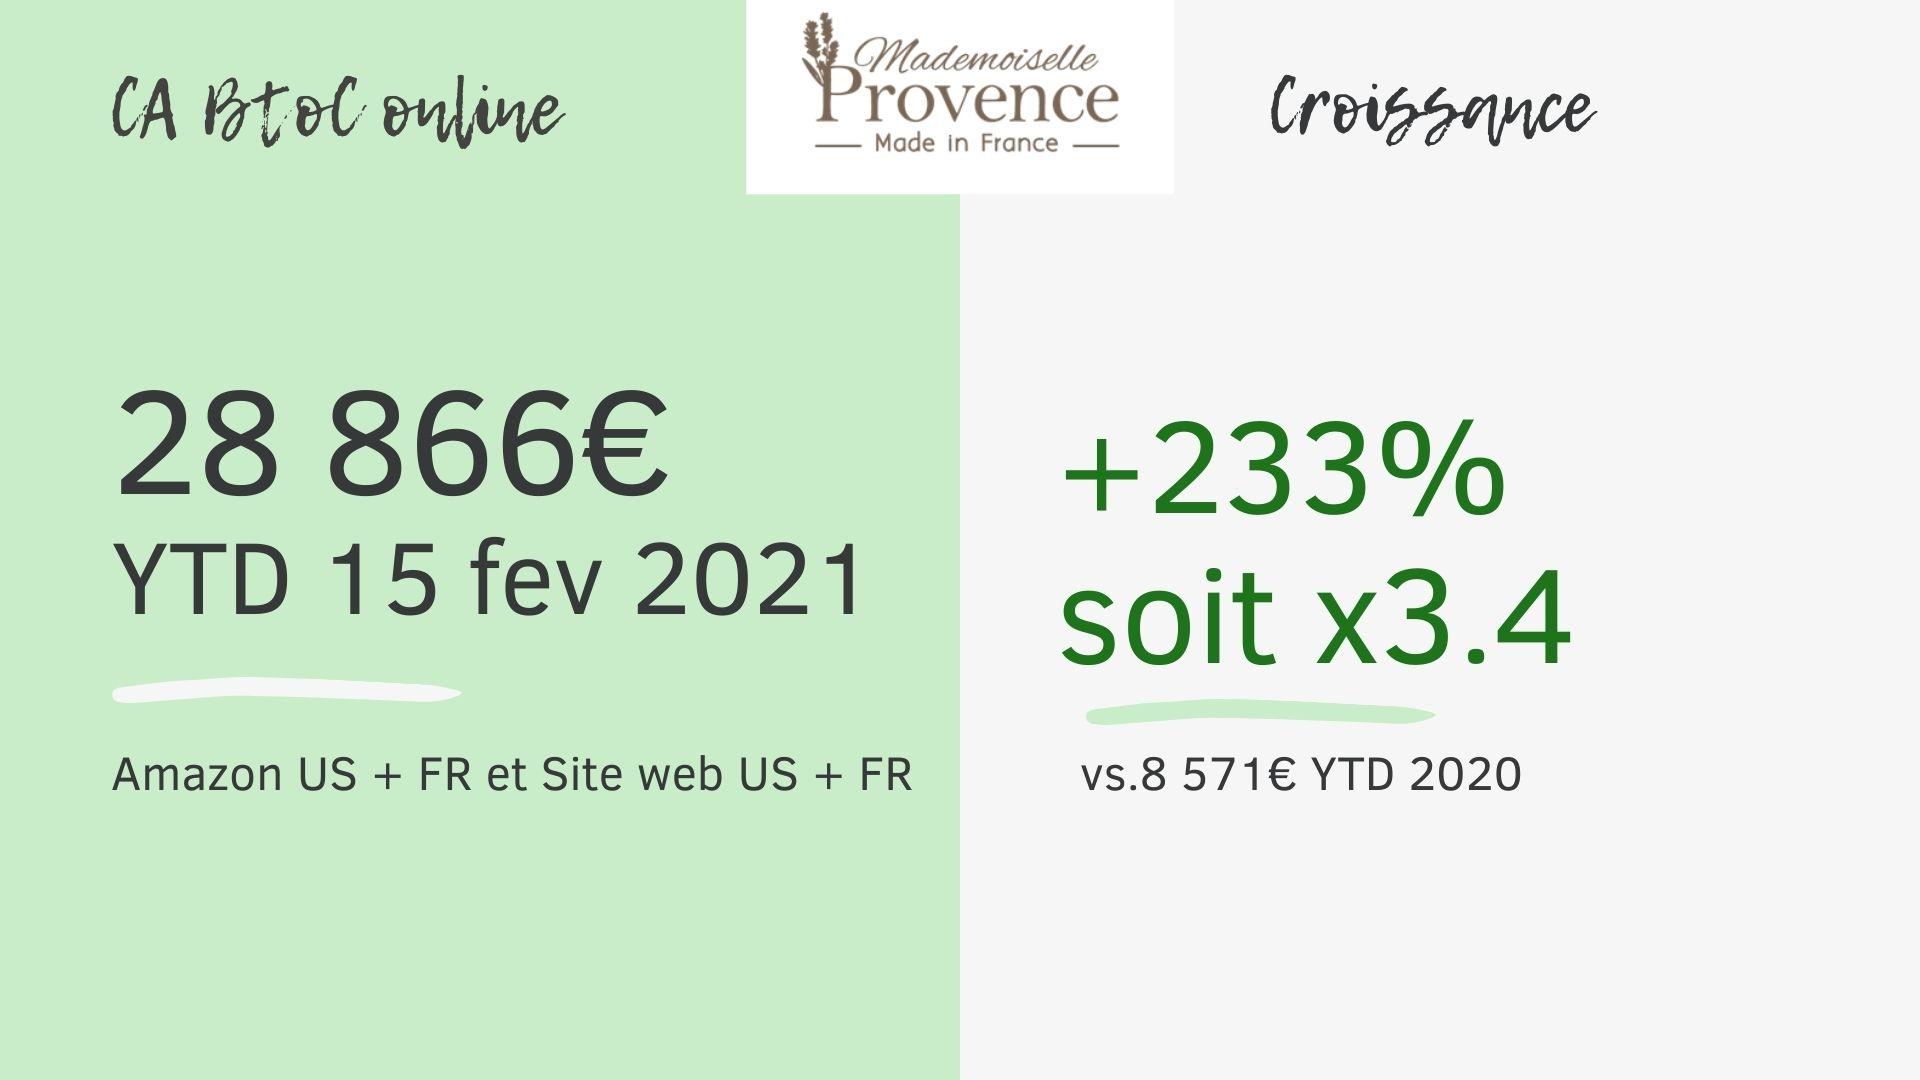 Croissance de notre CA online en BtoC au YTD 2021